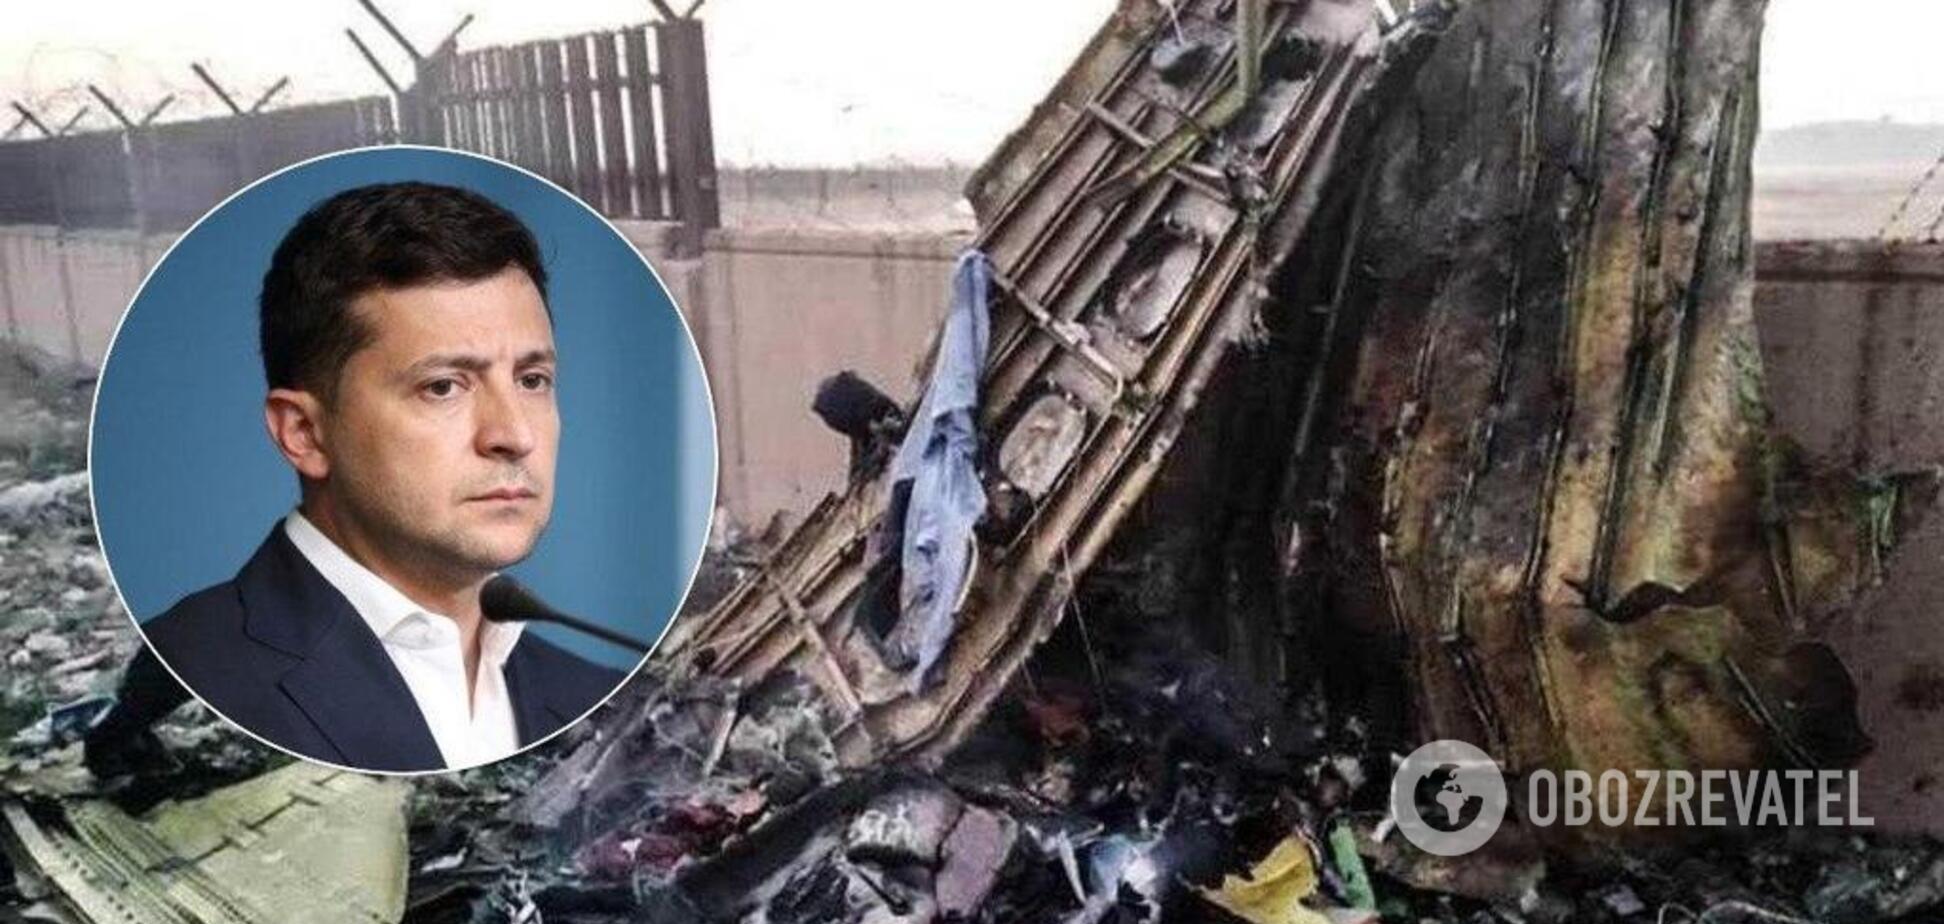 Зеленський оголосив траур в Україні через катастрофу літака МАУ